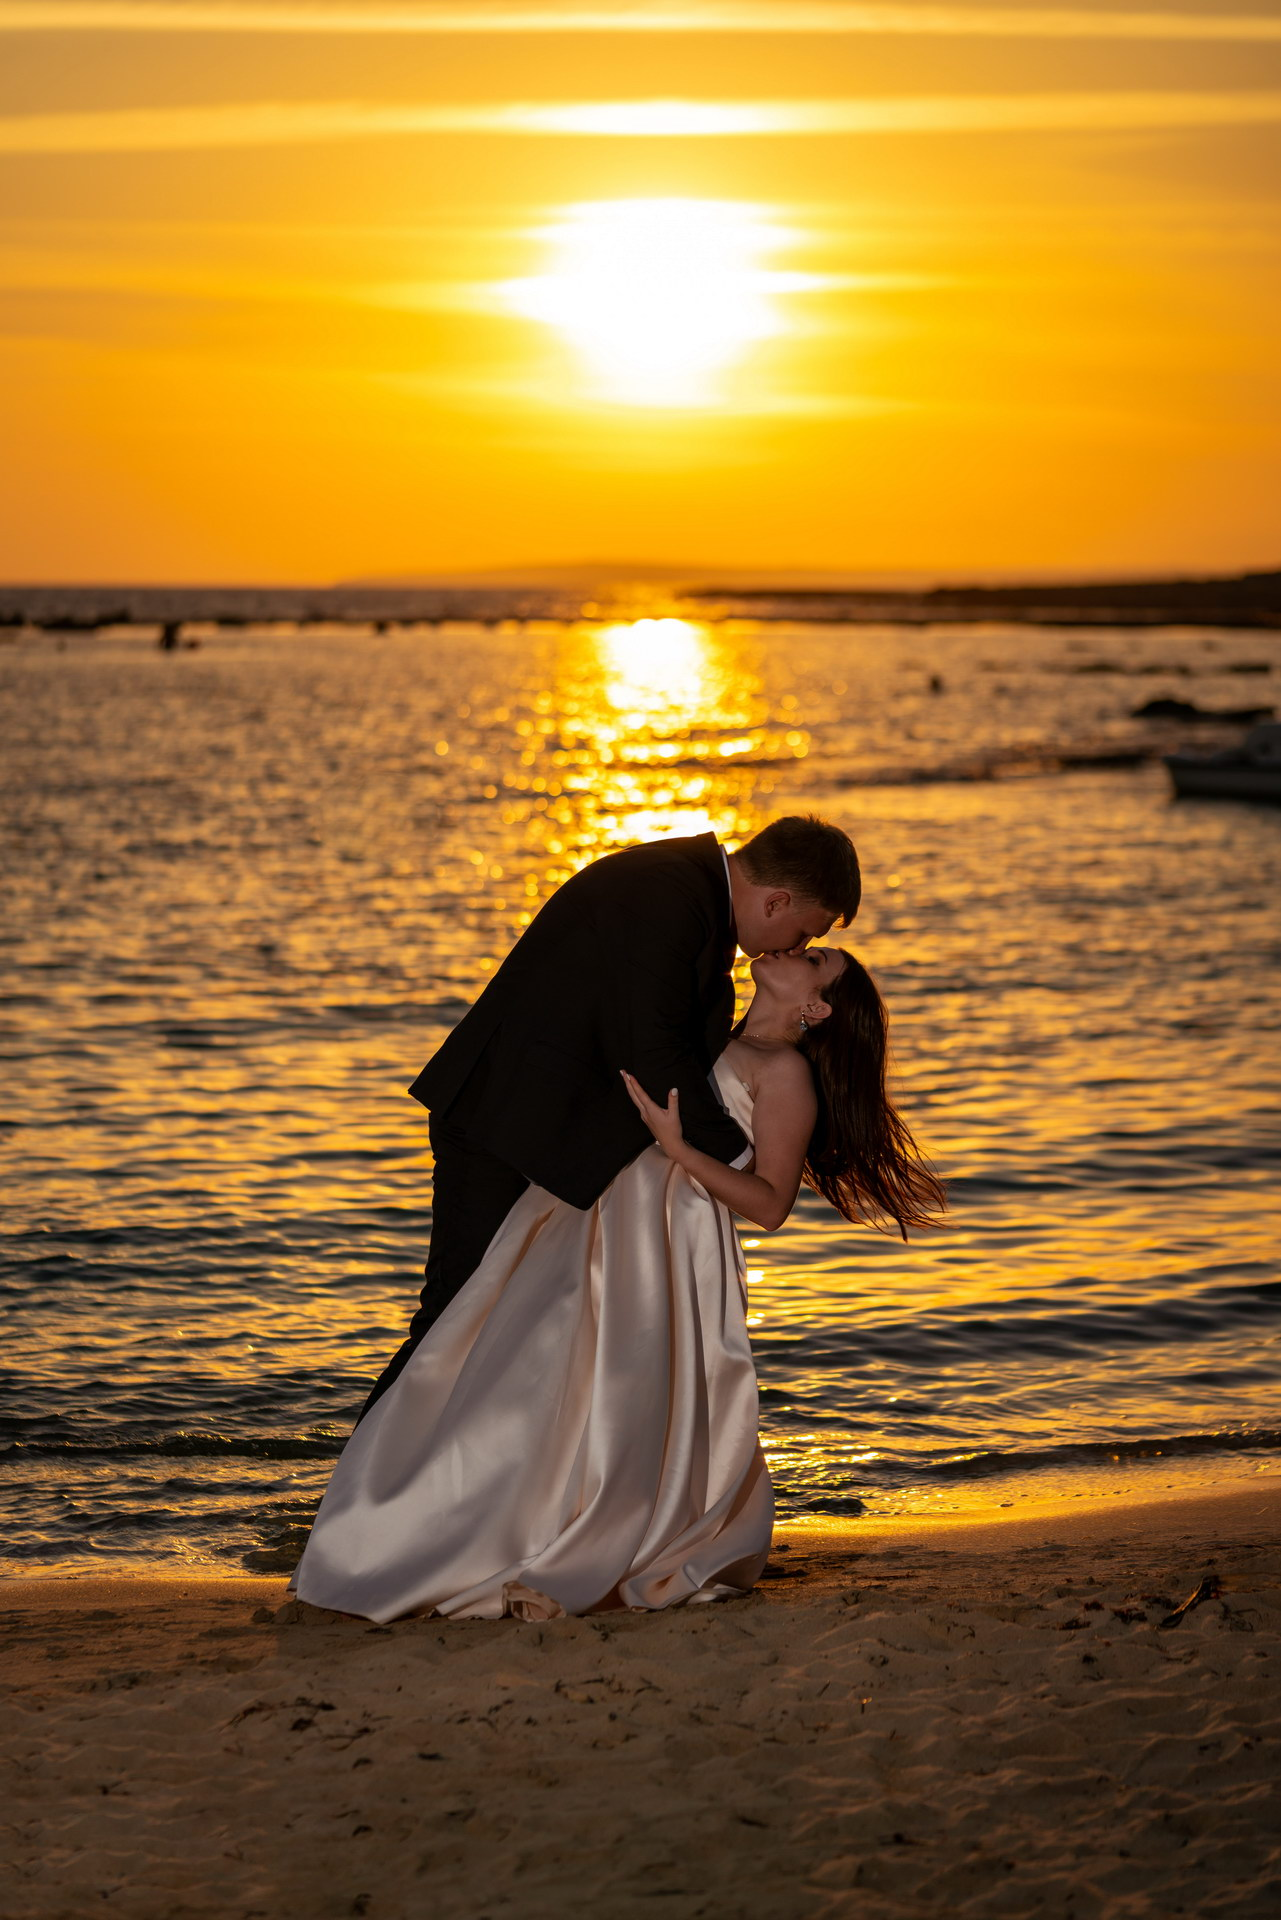 PIC03826_happyimagescyprus.com